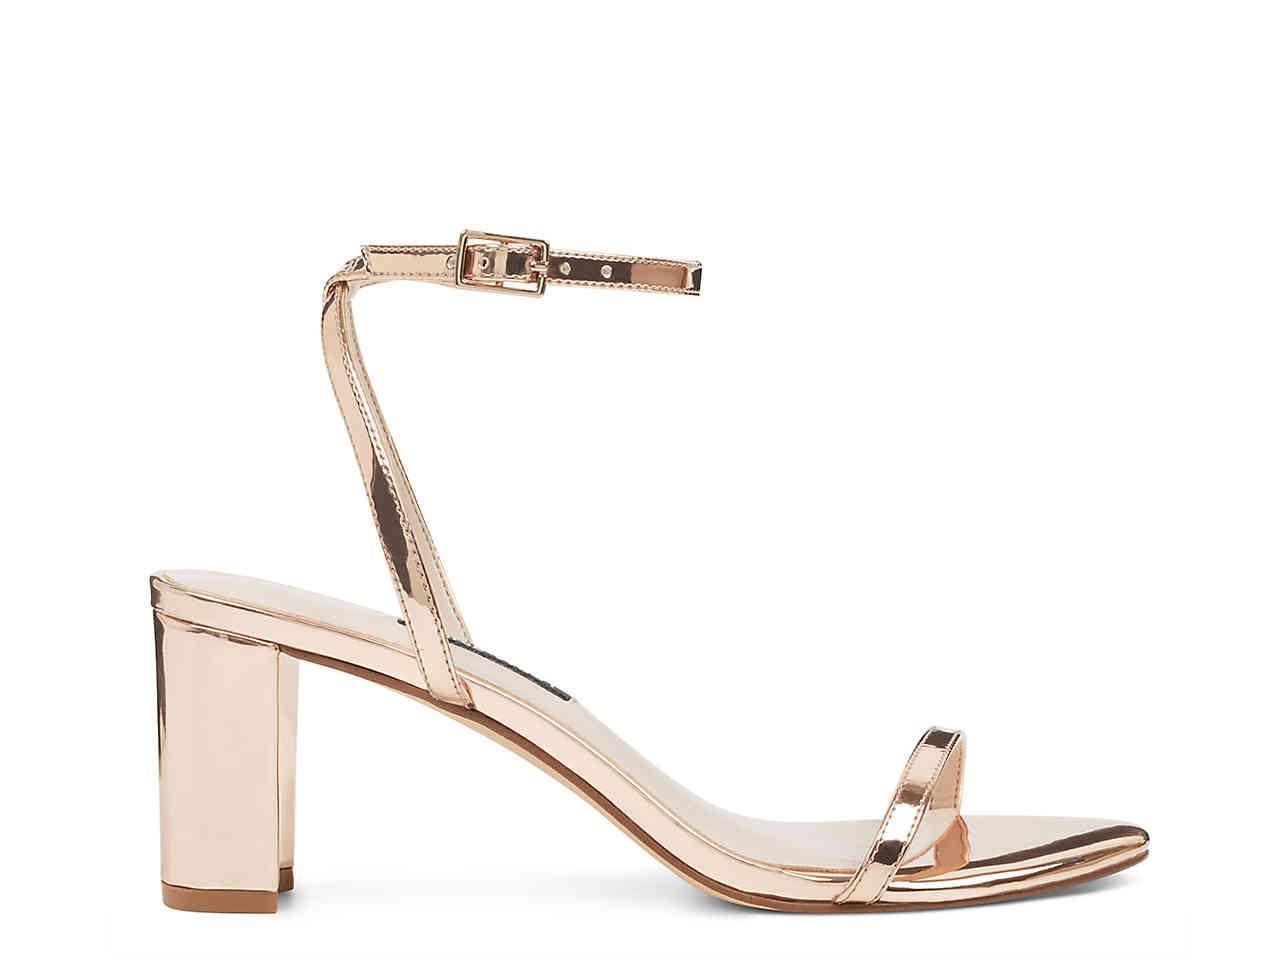 61a21ff9b5a Lyst - Nine West Provein Sandal in Metallic